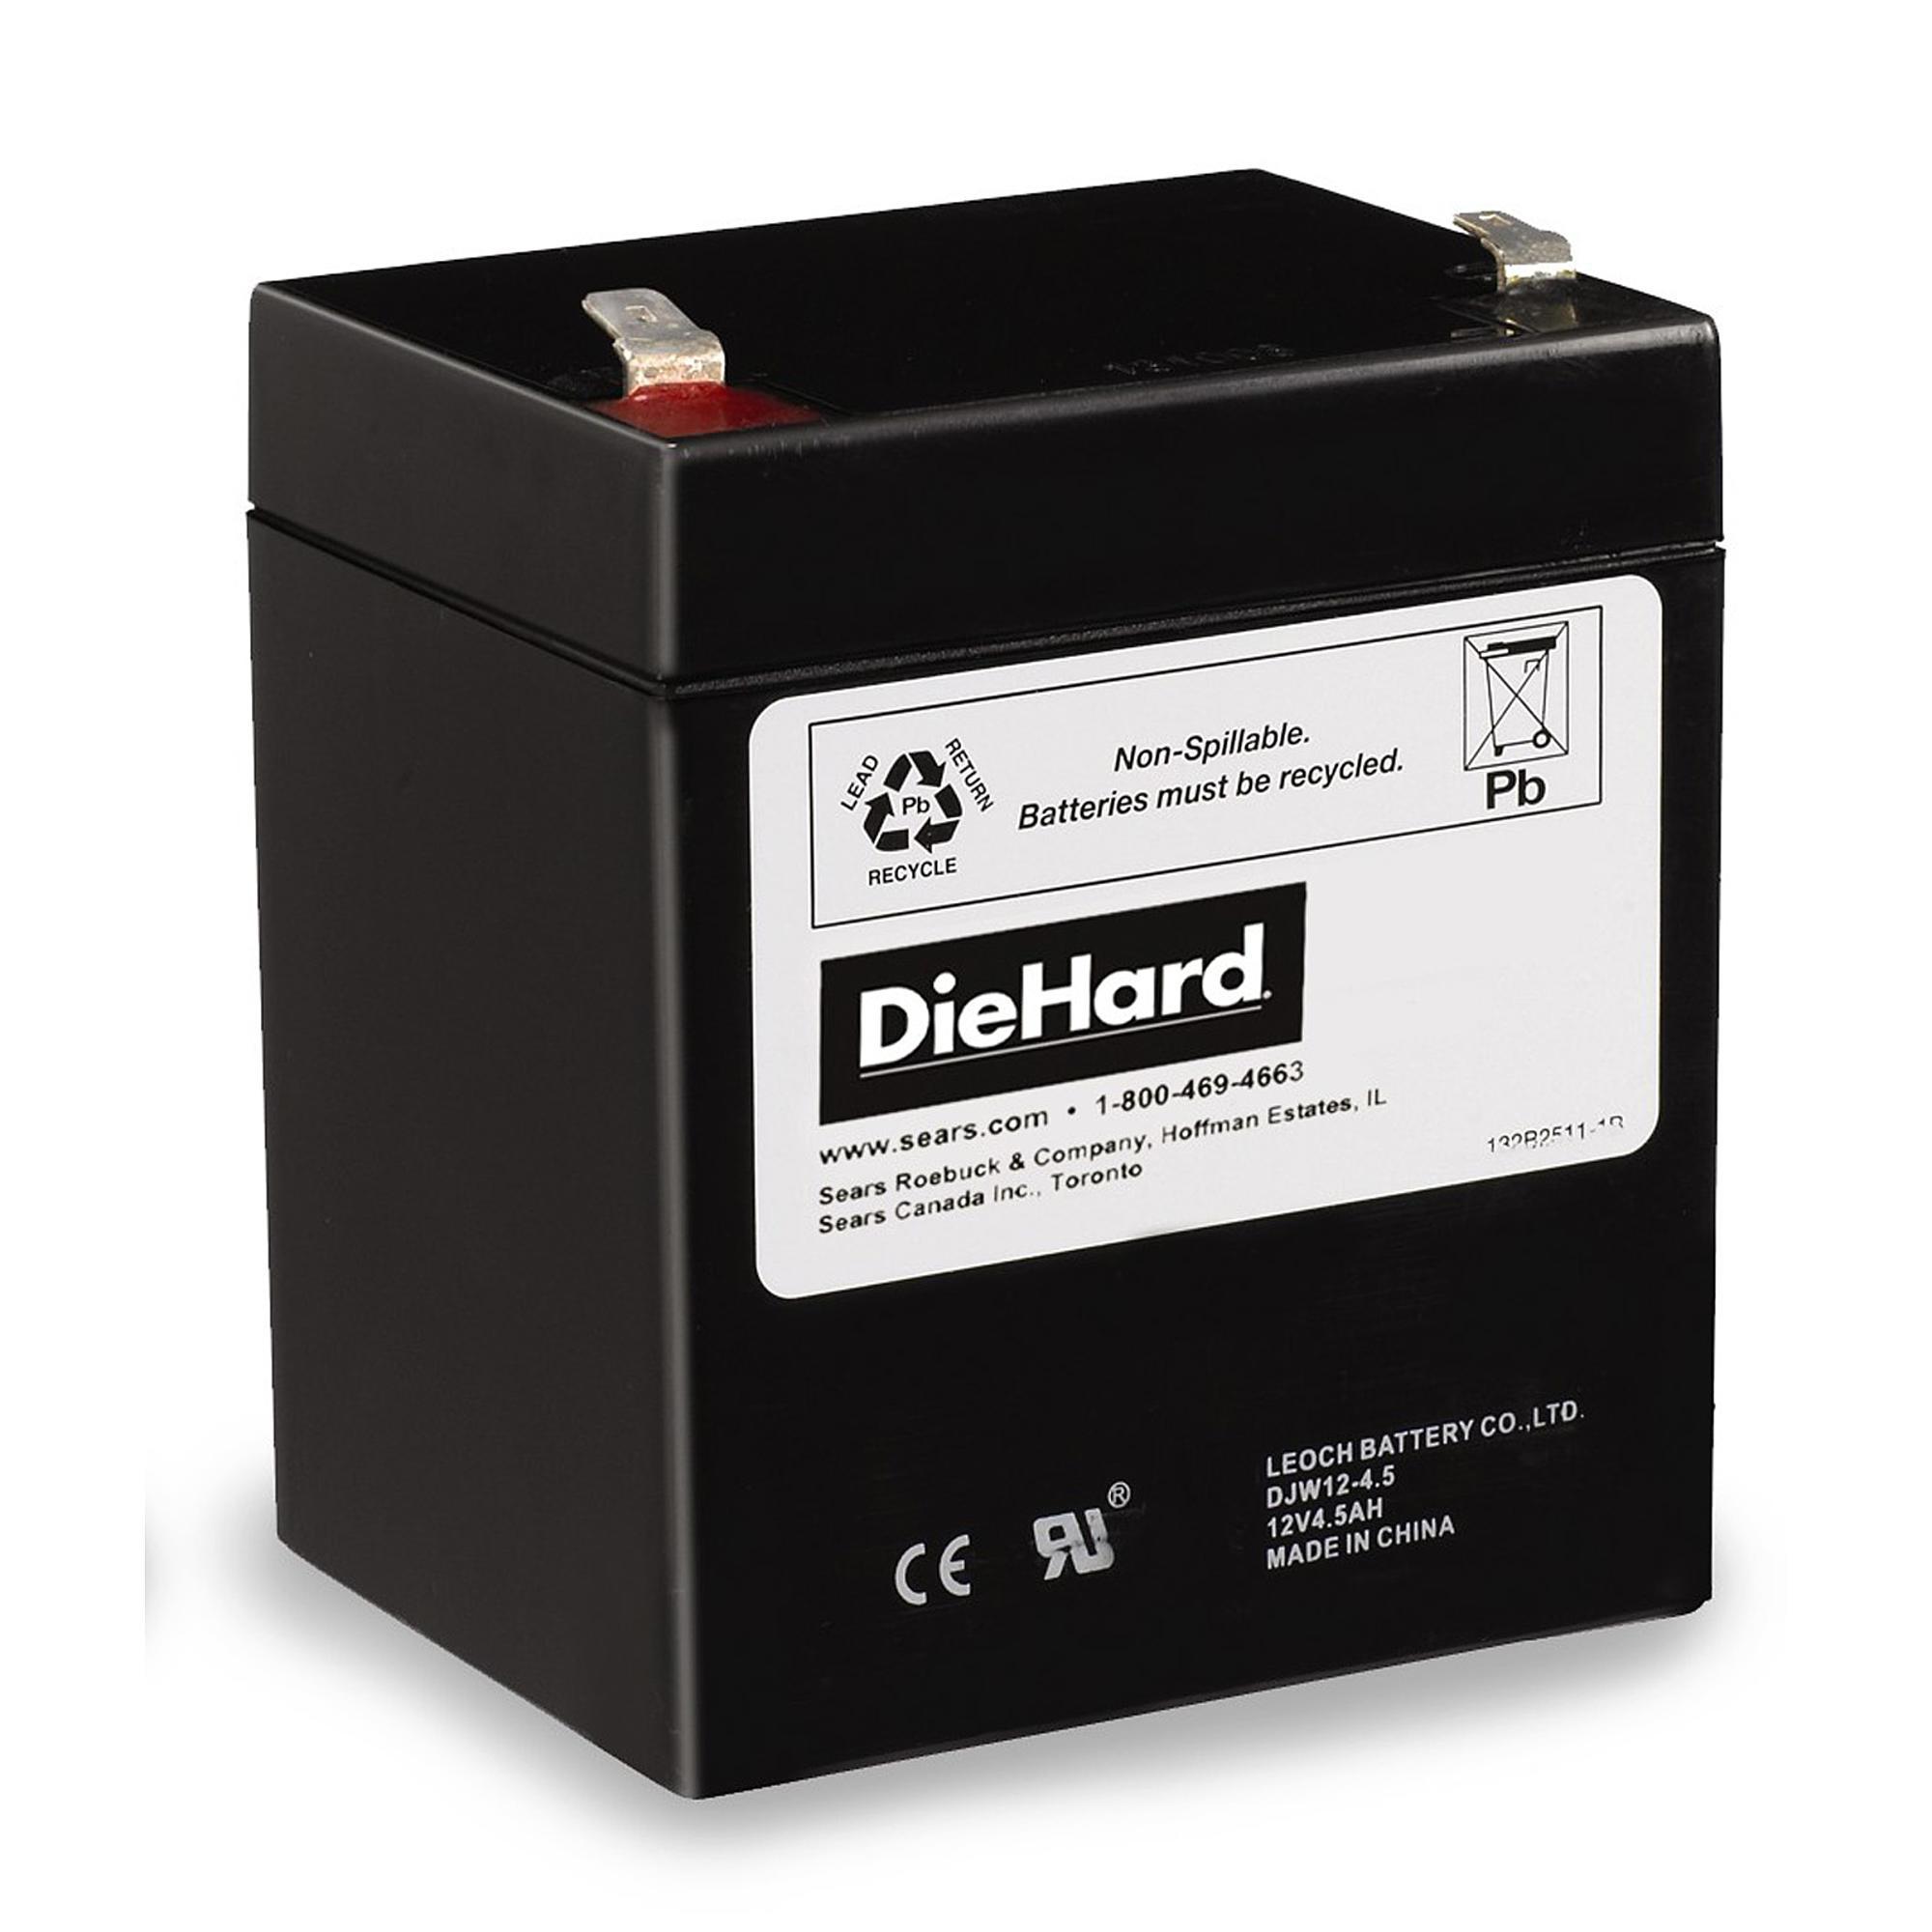 Craftsman Garage Door Opener 1 2 Hp Manual Hbw1127